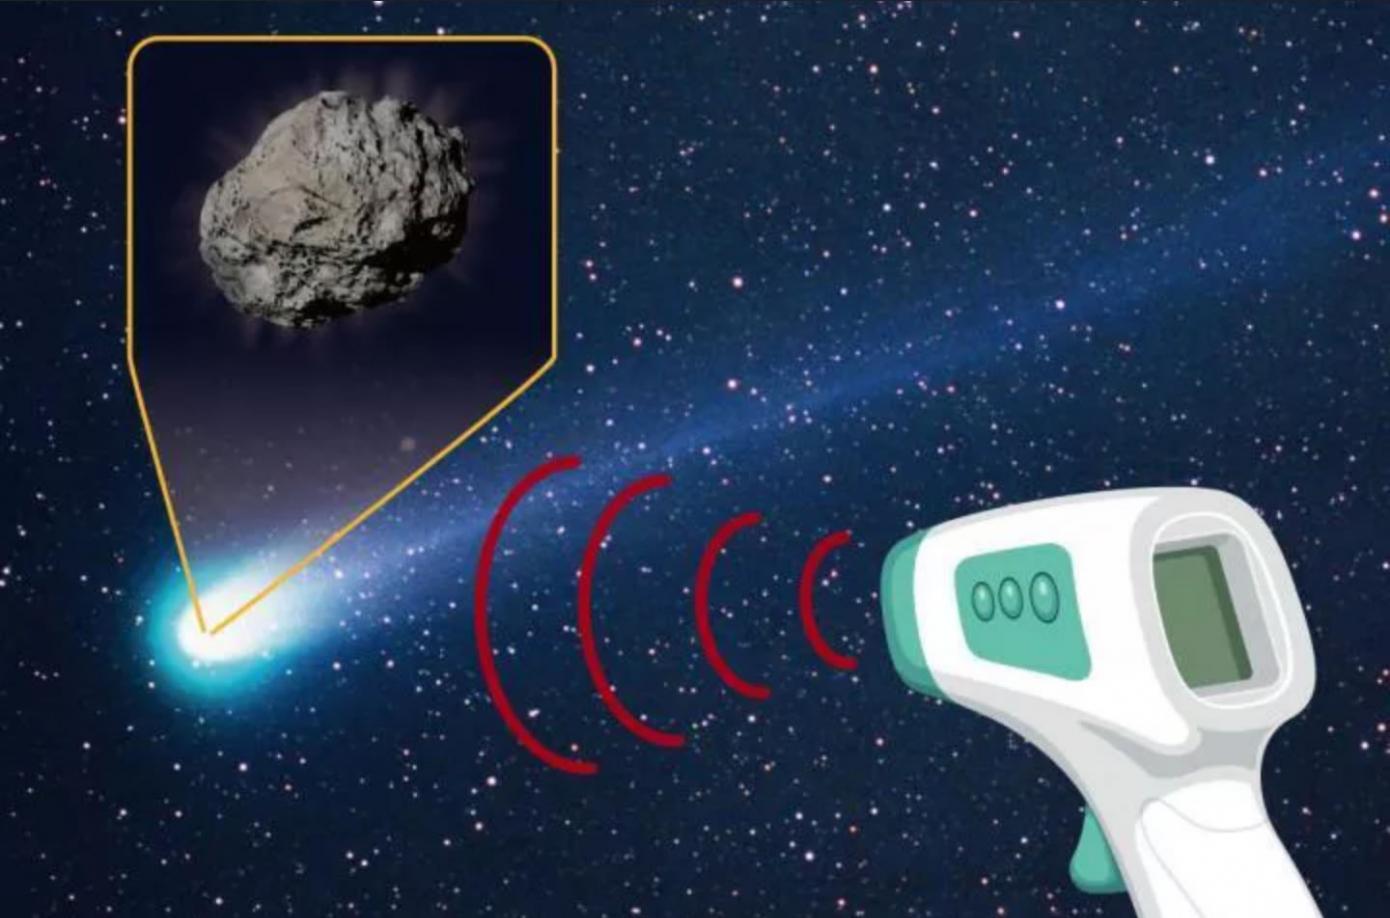 正接近寿命尽头的P/2016 BA14 (Panstarrs)彗星表面发现滑石粉